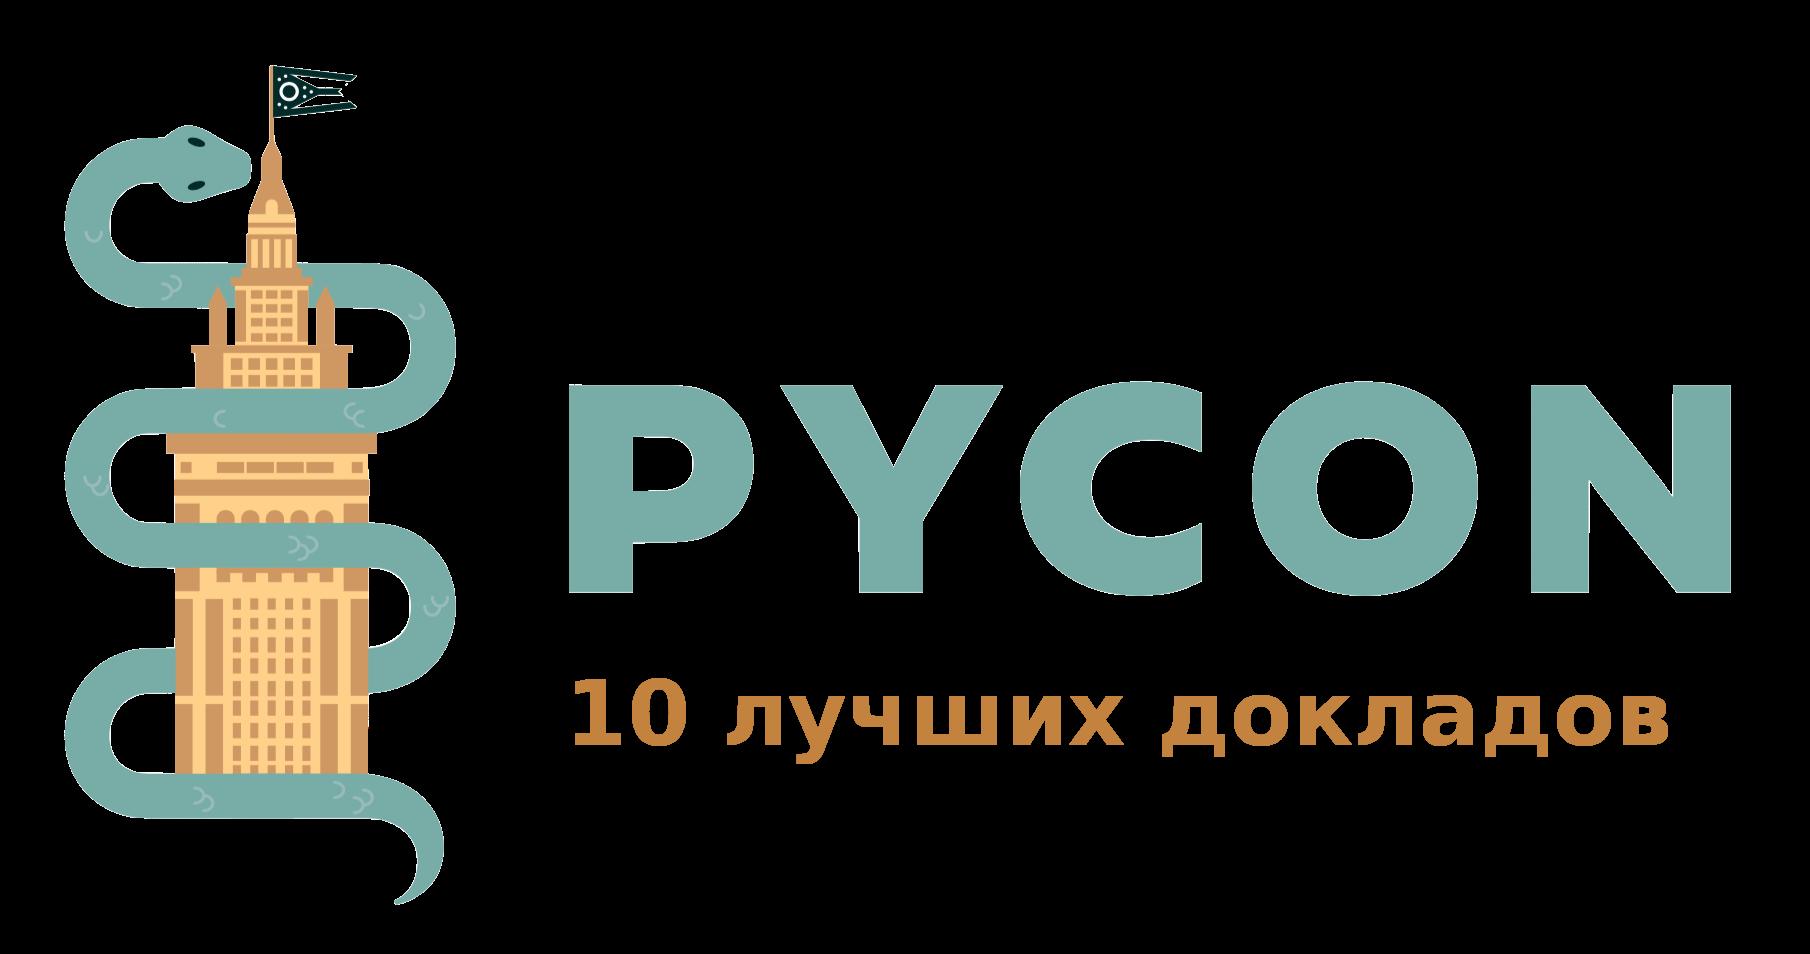 Видео 10 лучших докладов о Python на конференции PyCon